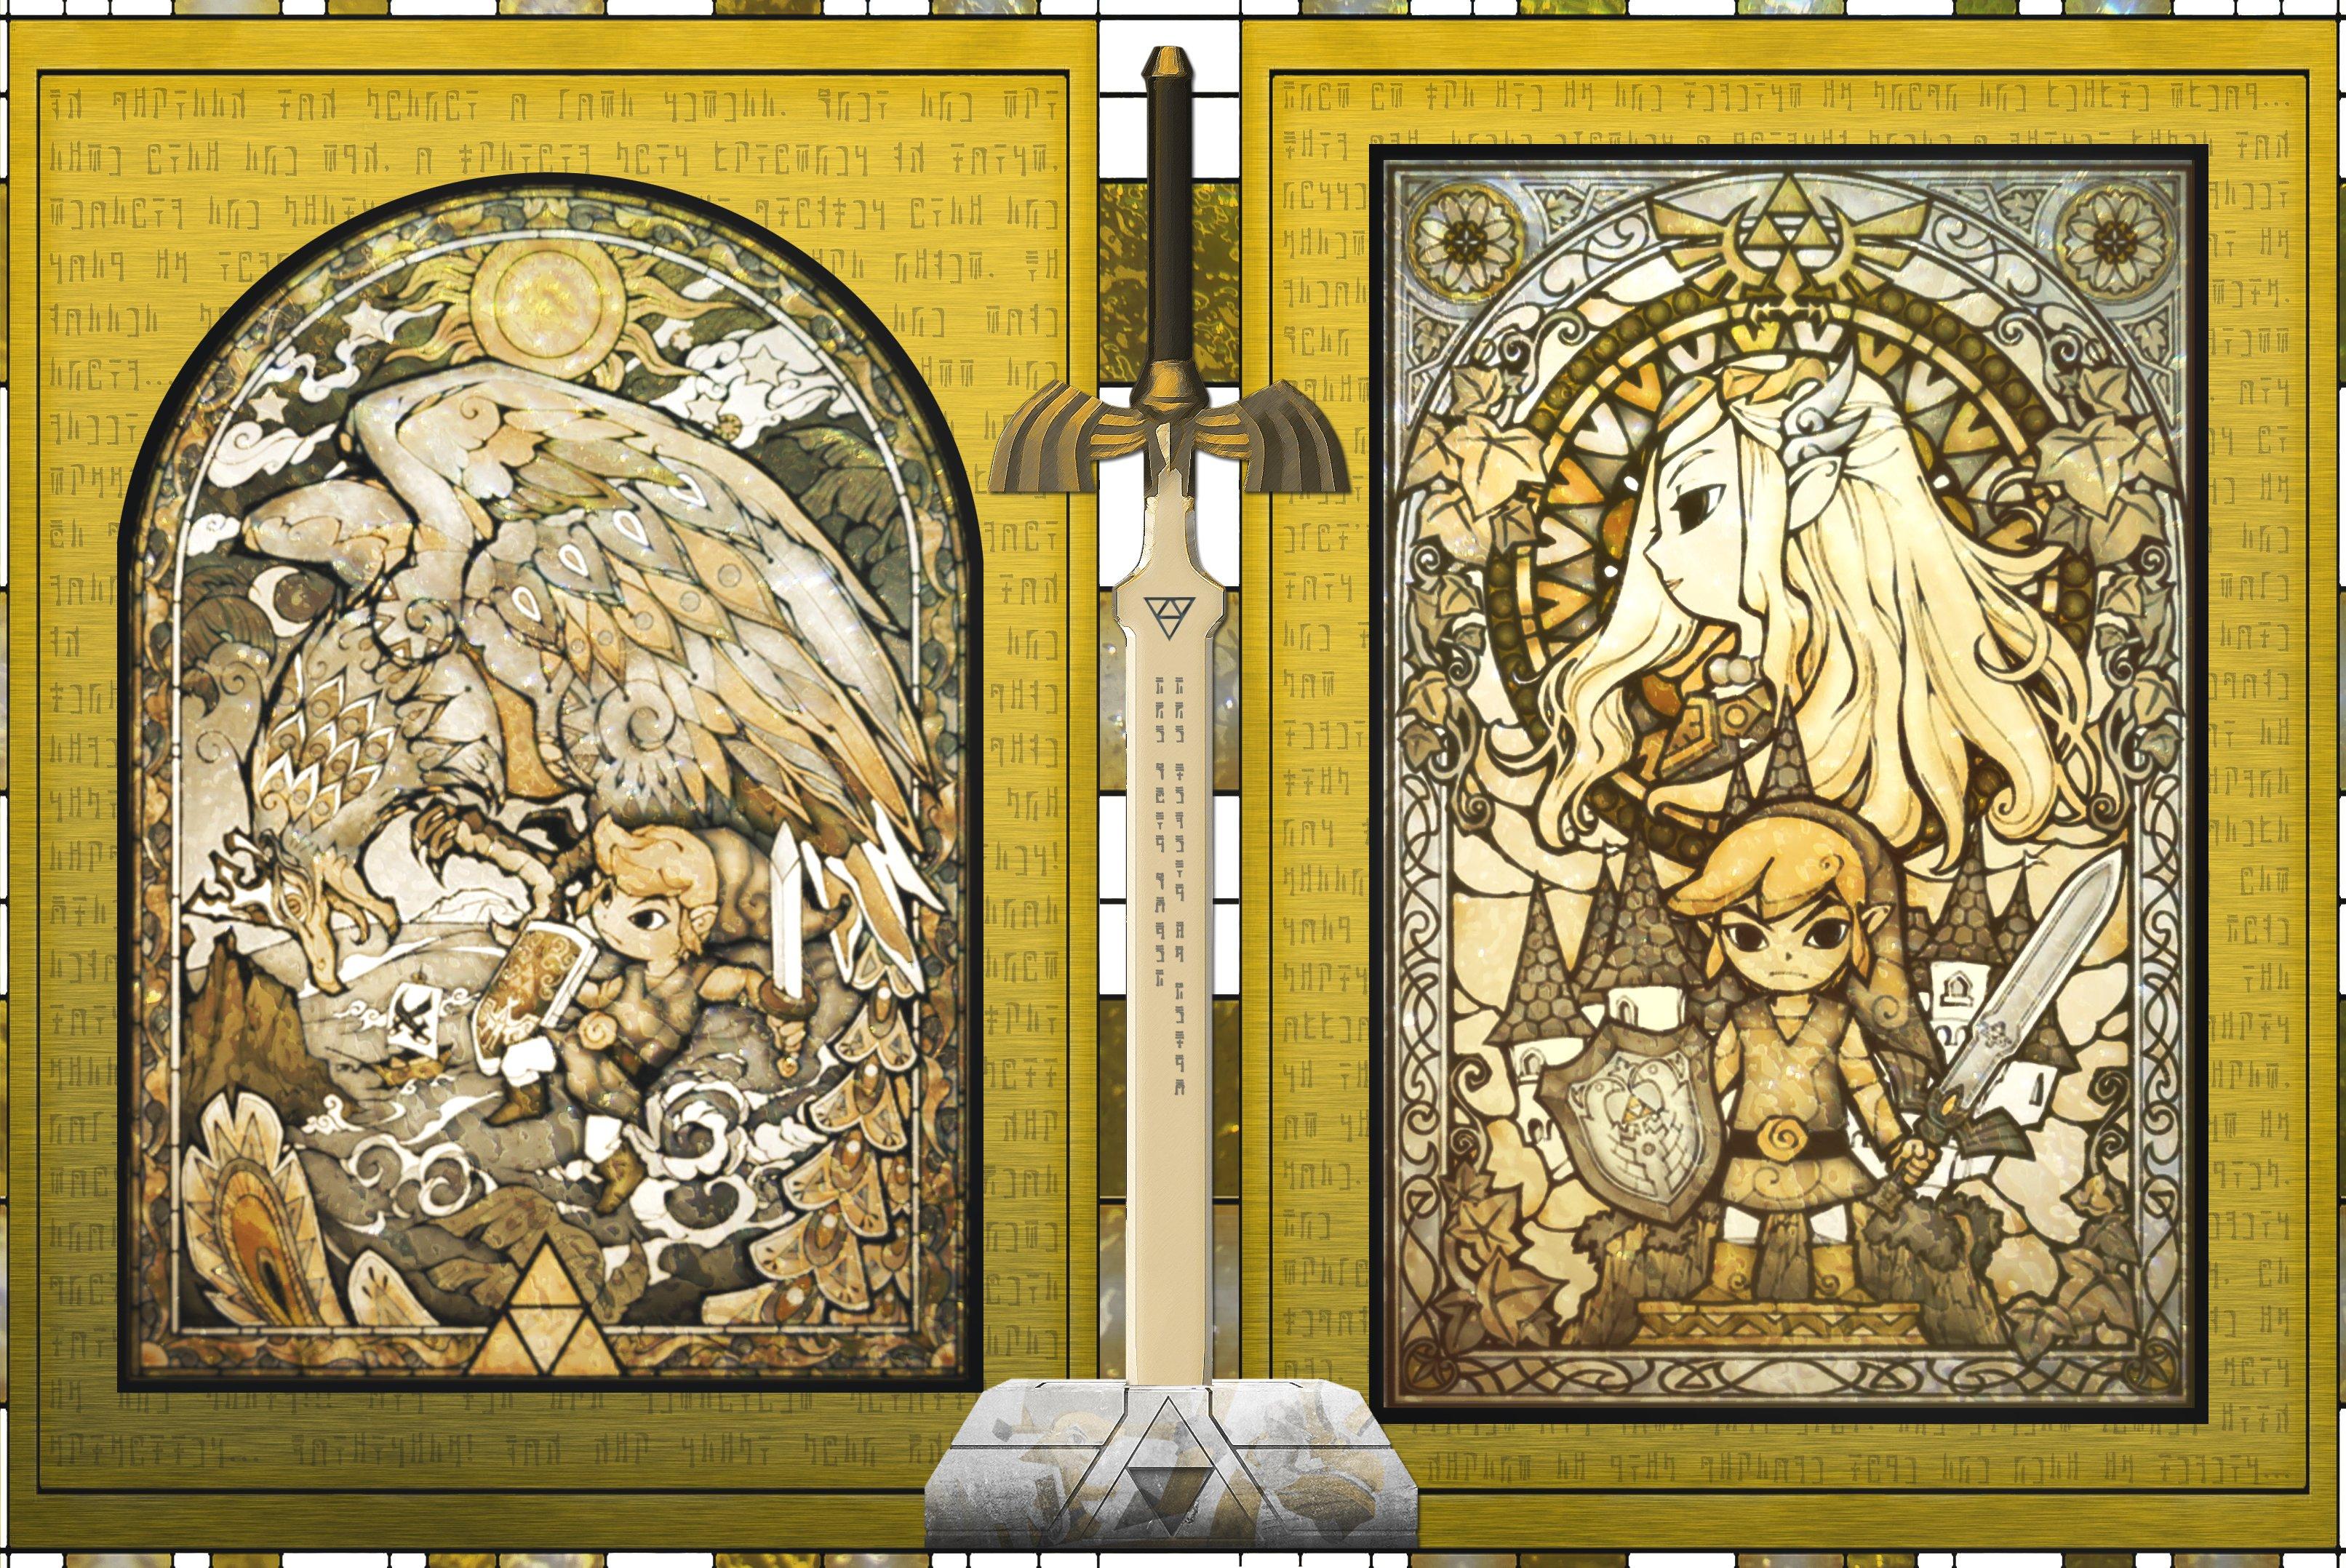 LEGEND ZELDA WINDWAKER action adventure family nintendo wallpaper ...